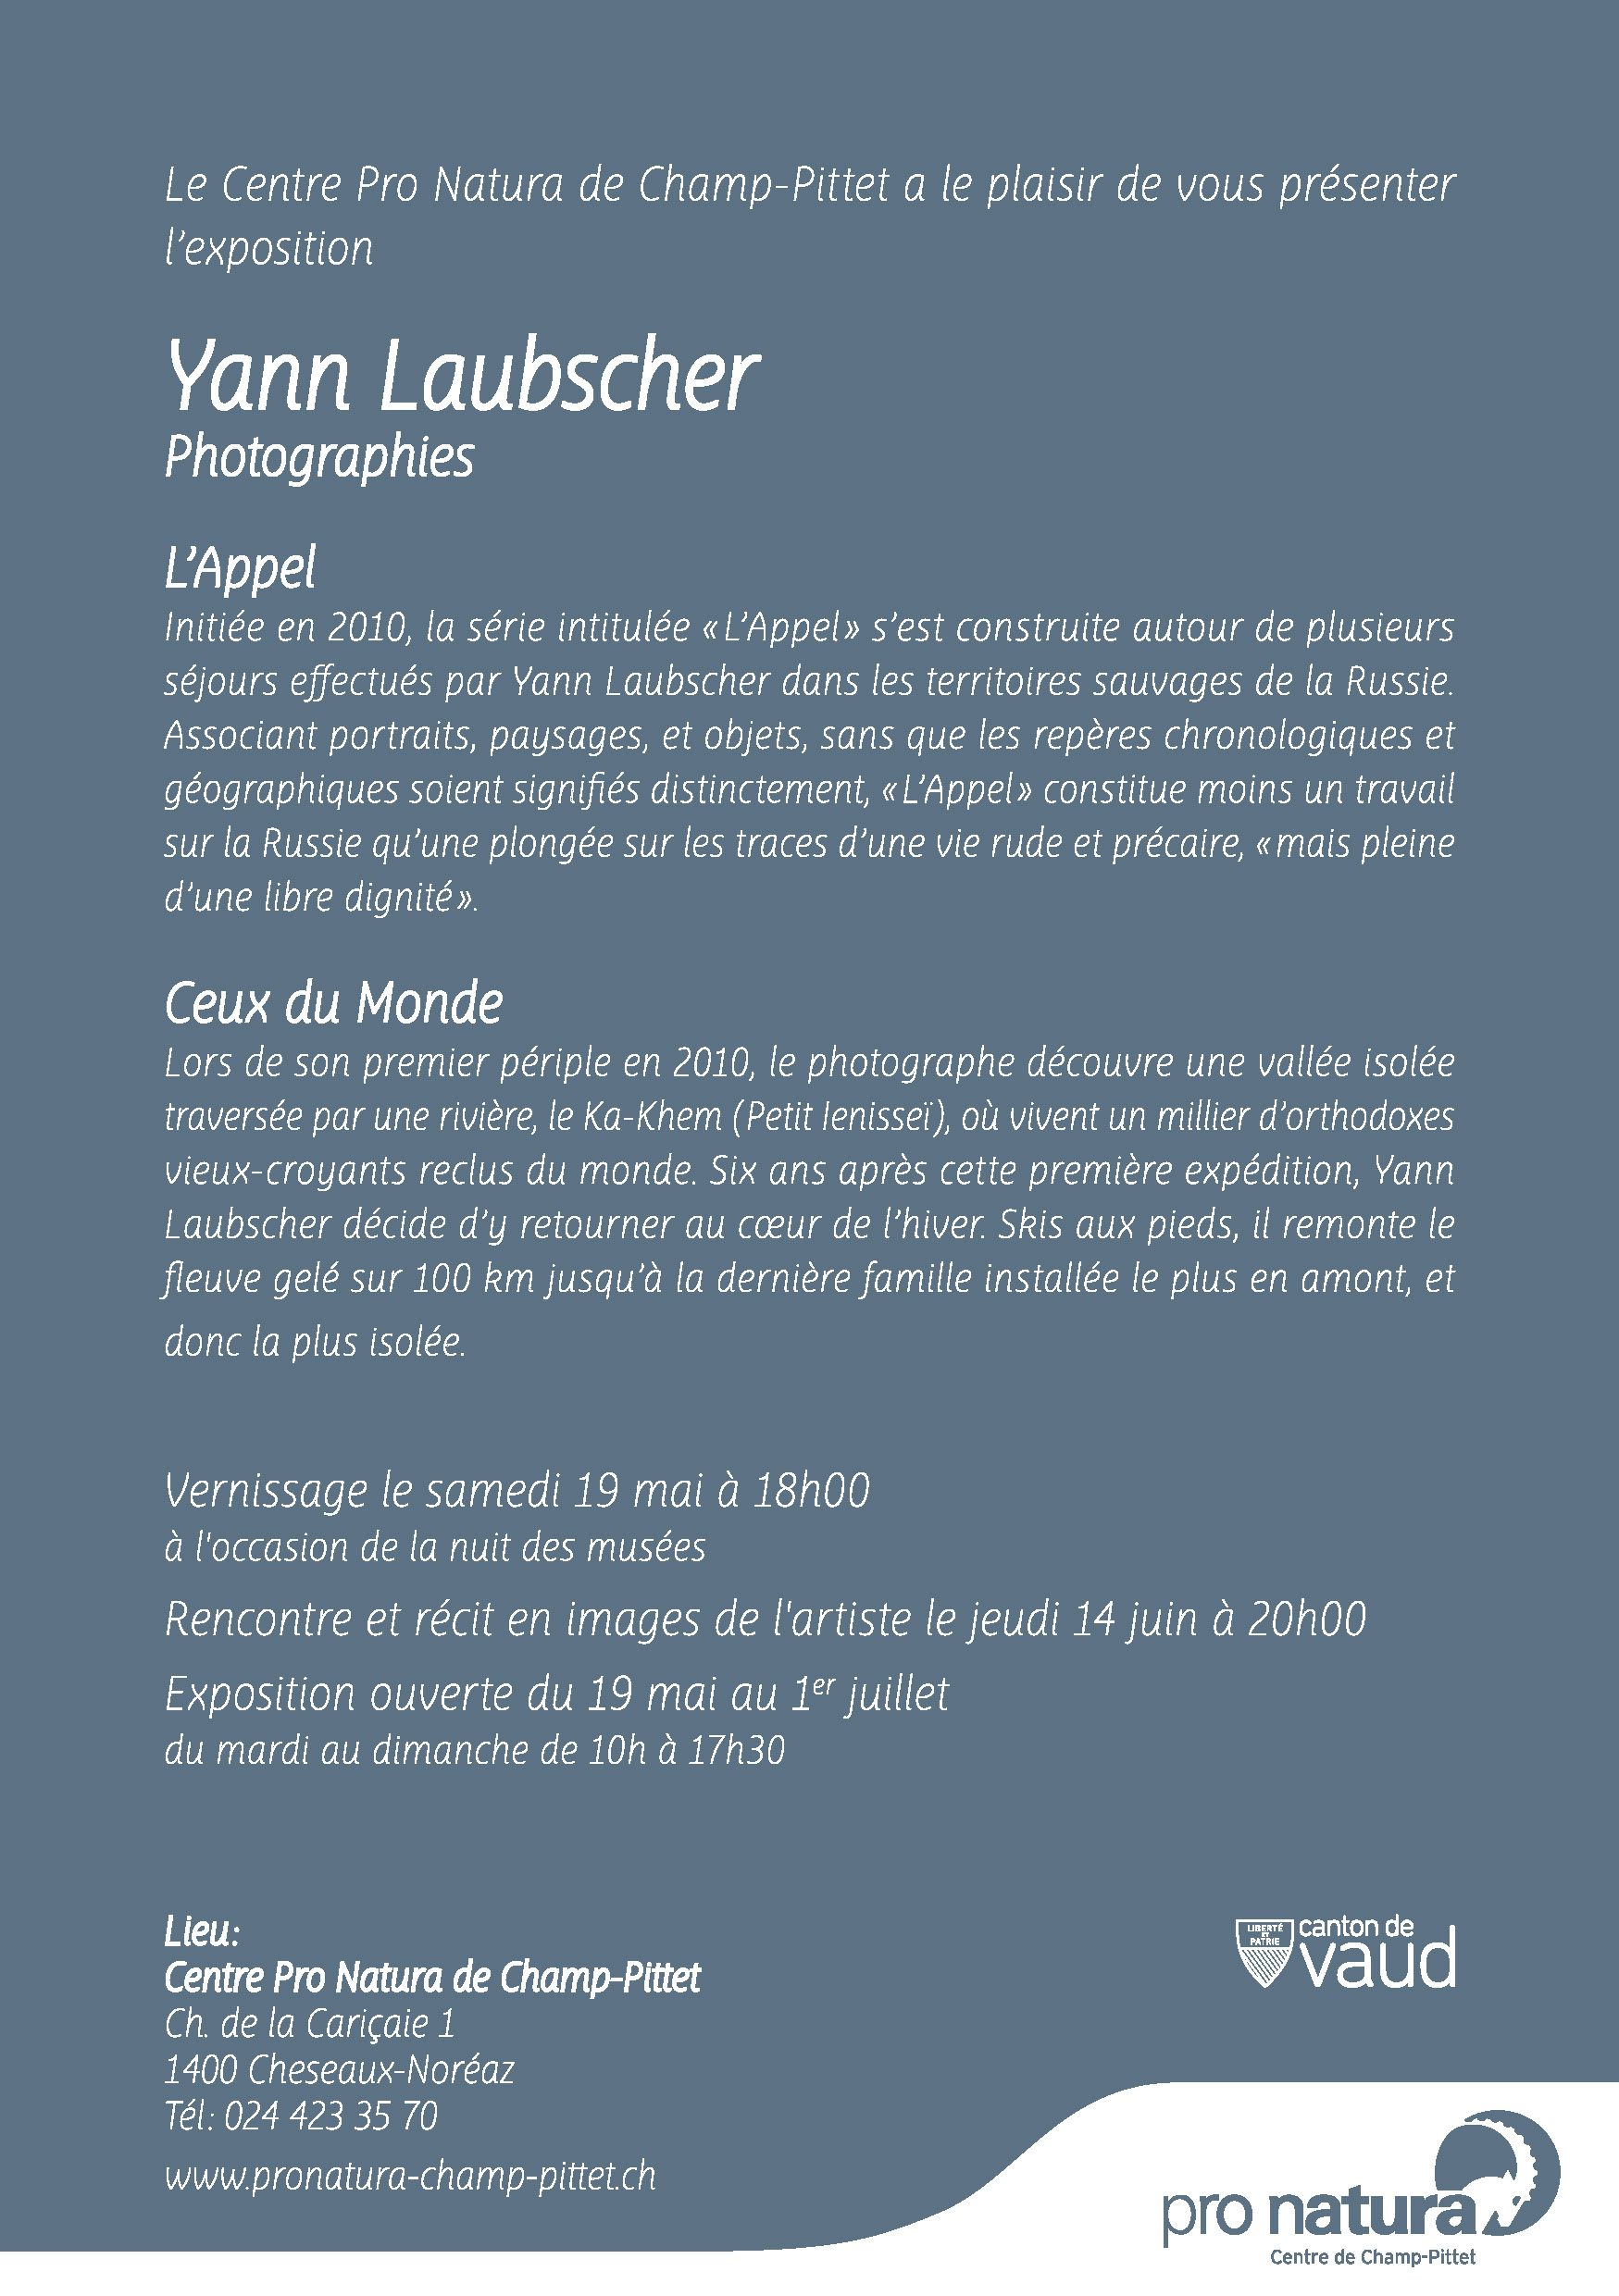 Exposition_ProNatura_YannLaubscher_LD_Page_2.jpg